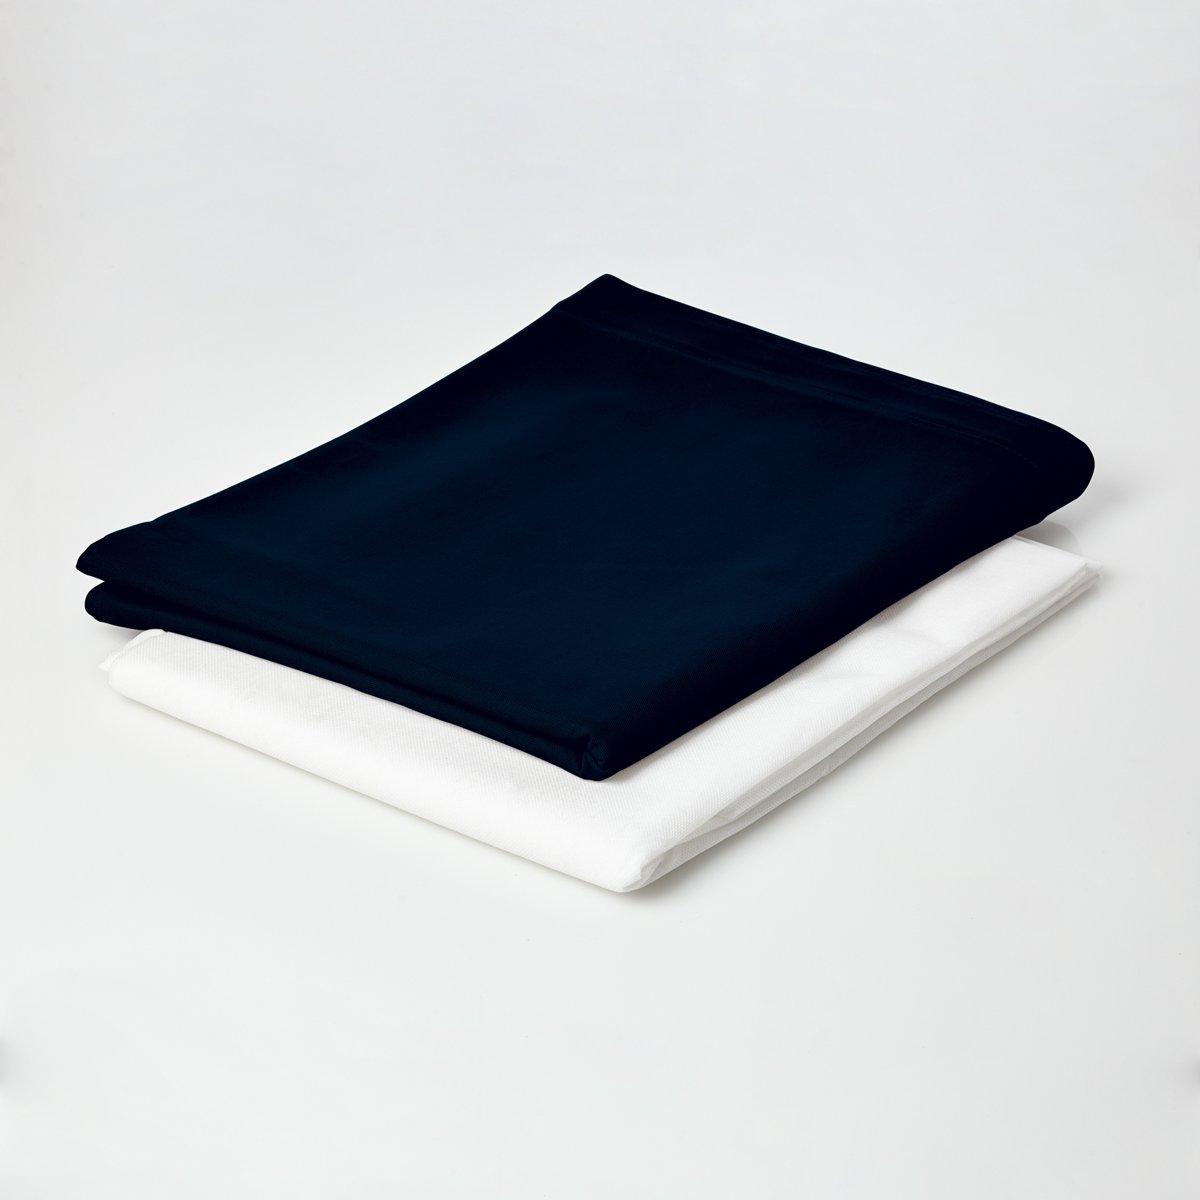 Lumaland - Hoes van luxe XXL zitzak - enkel de hoes zonder vulling - Volume 380 liter - 140 x 180 cm - gemaakt van 100% katoen - Donkerblauw kopen